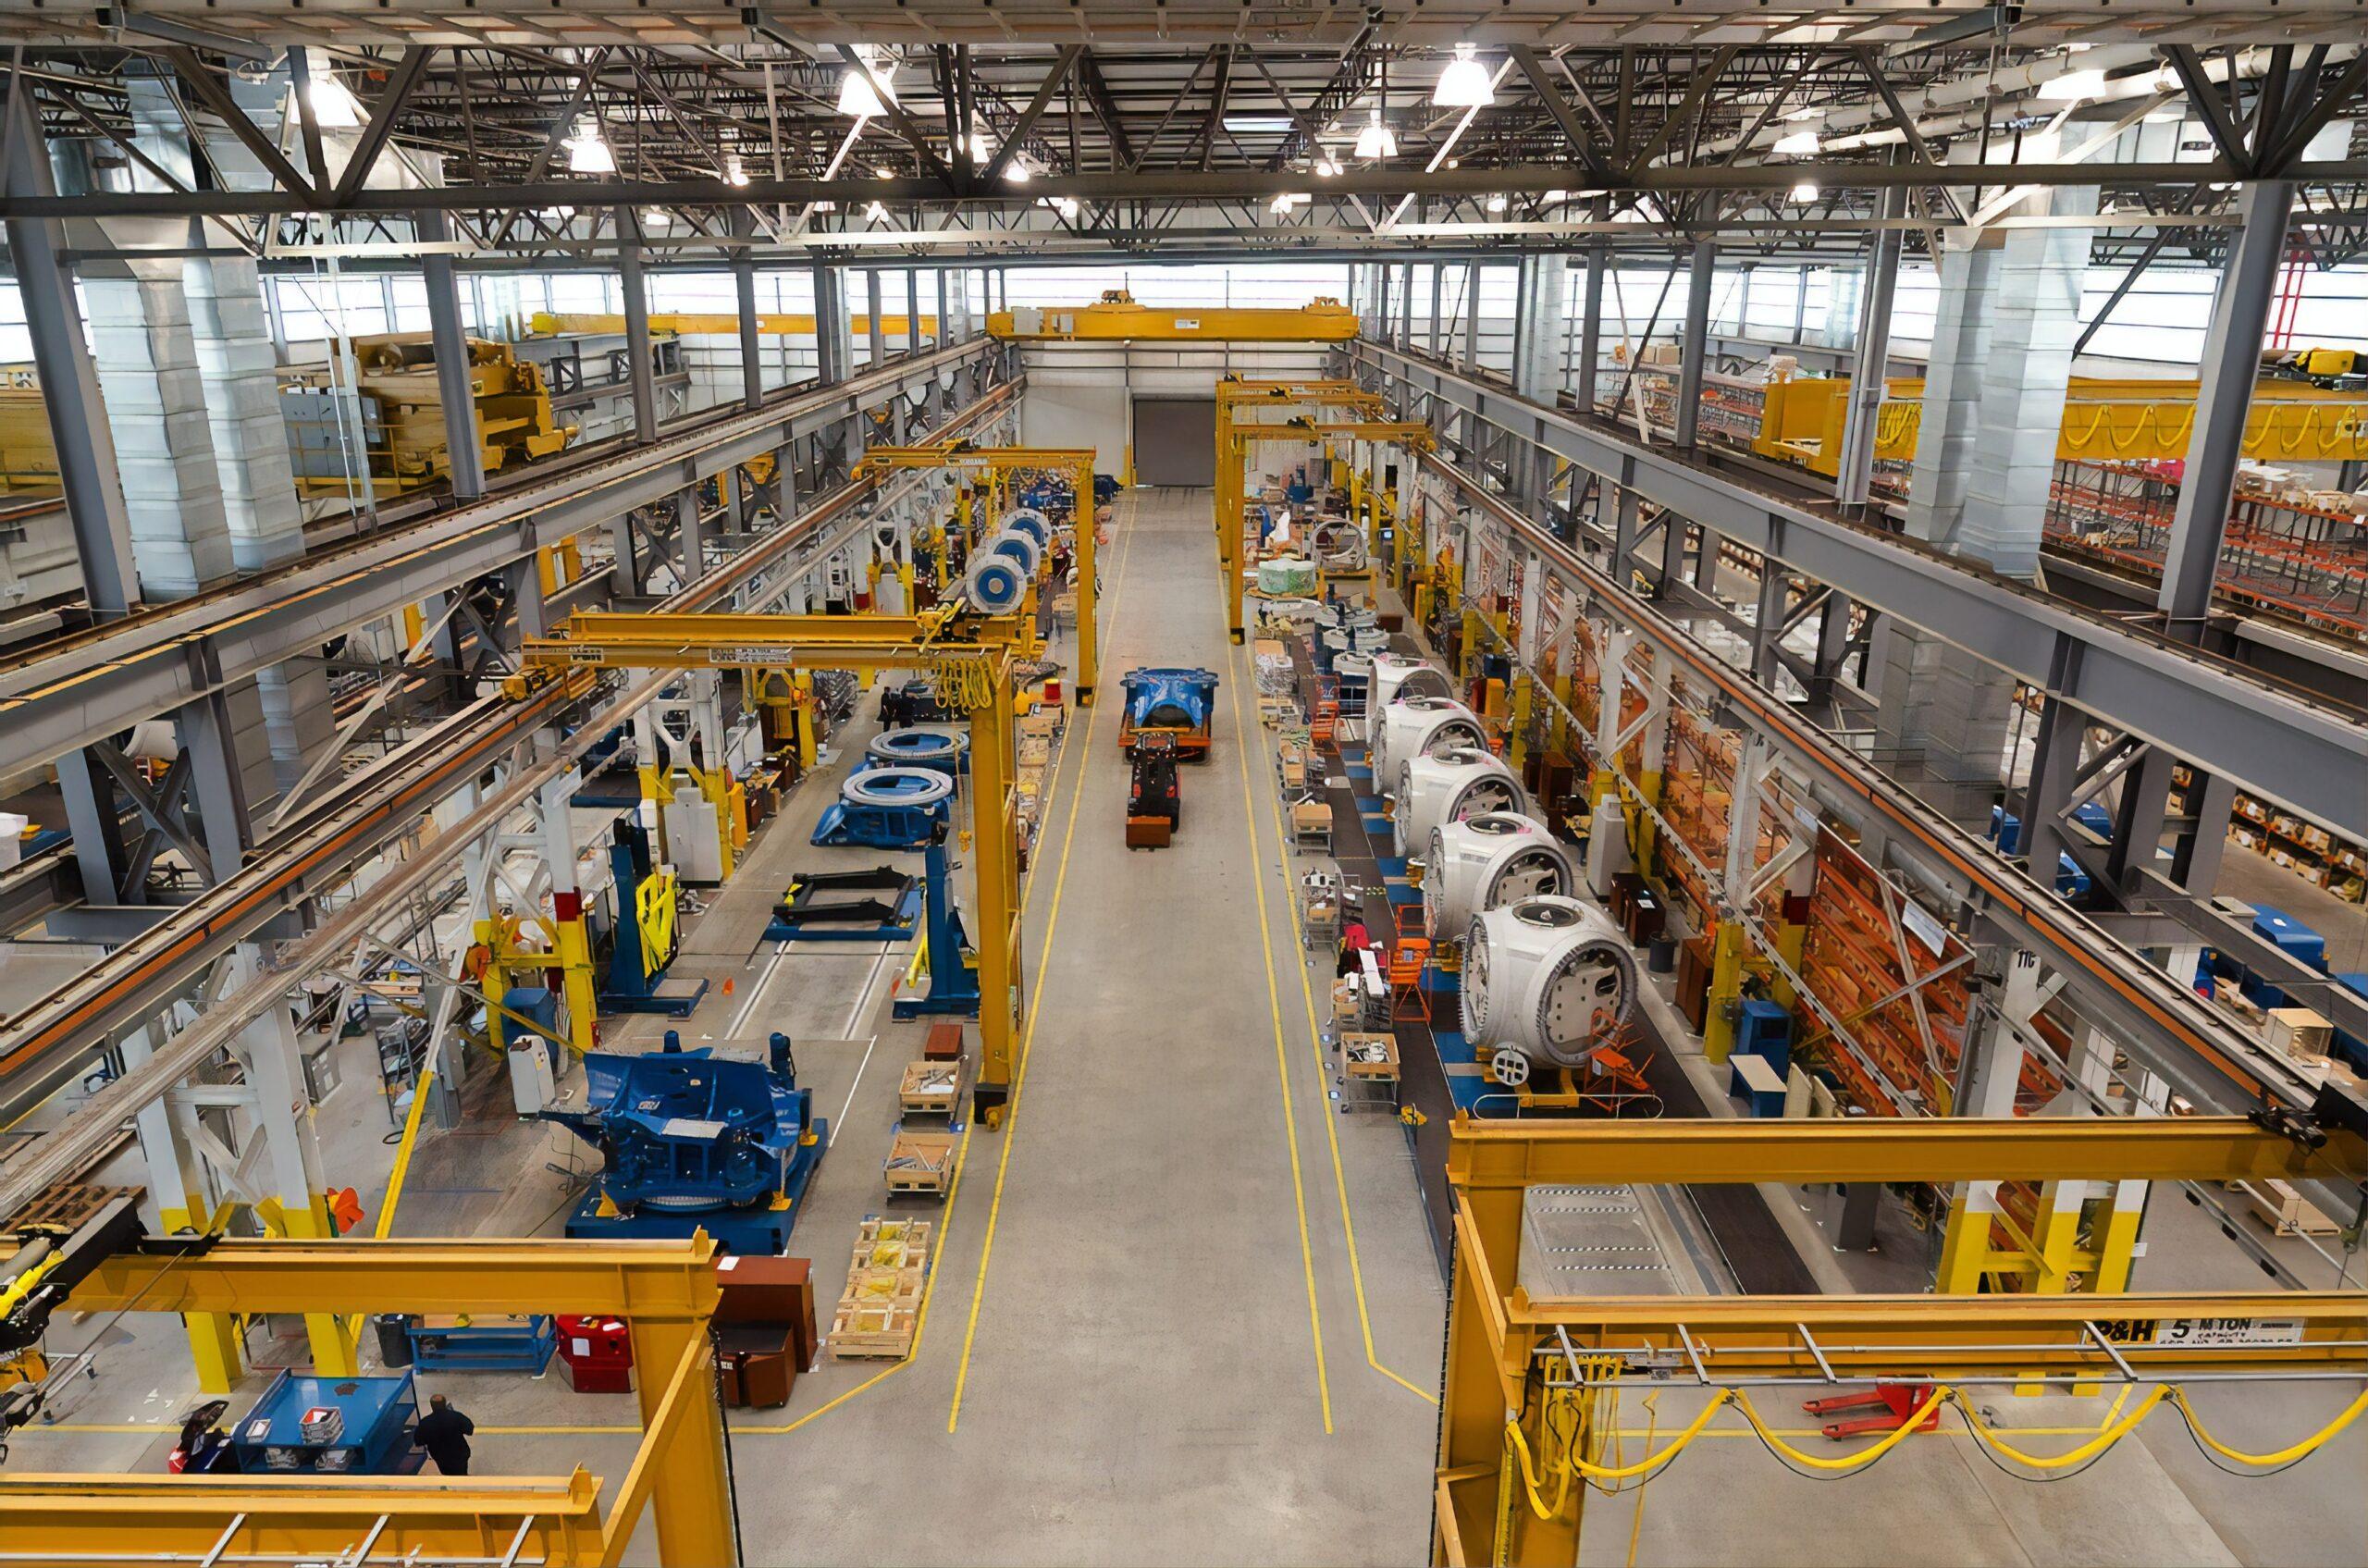 referenciák Gyárak, vállalatok, raktáráruházak, Electro-Cord Kft.